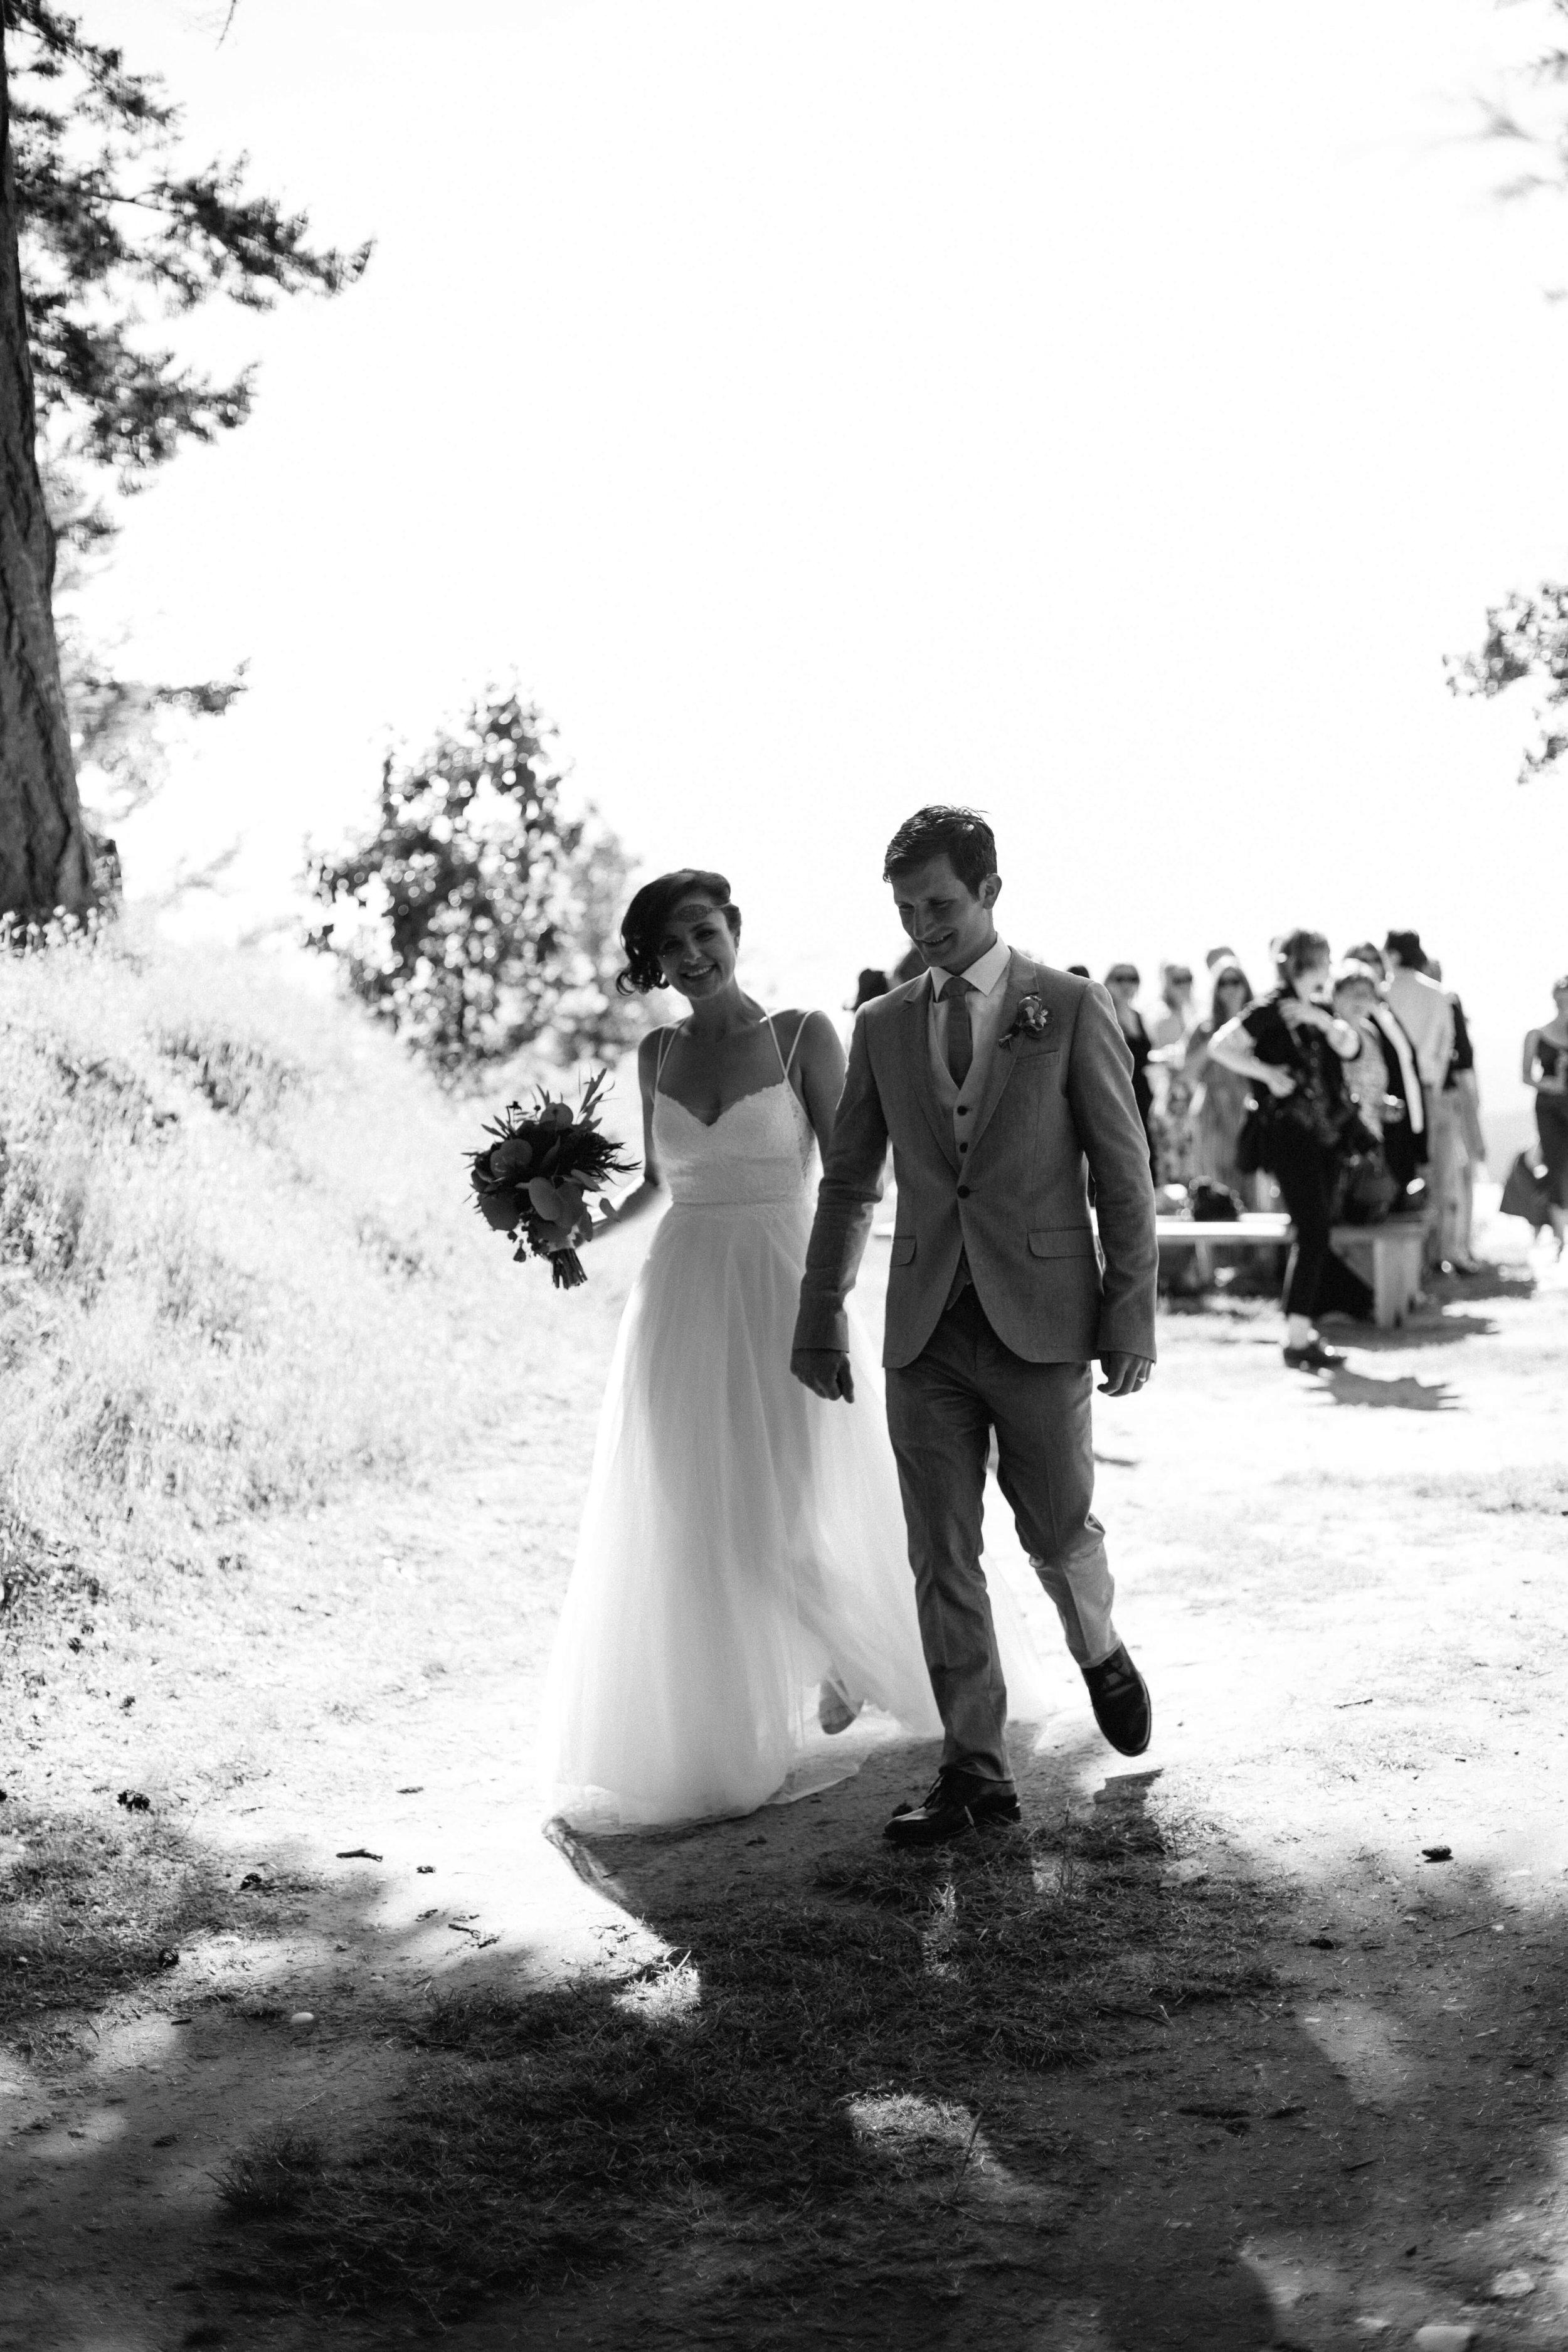 Galiano Wedding // Bodega Ridge // Rachael Alexandra.co // Vancouver Island Photographer